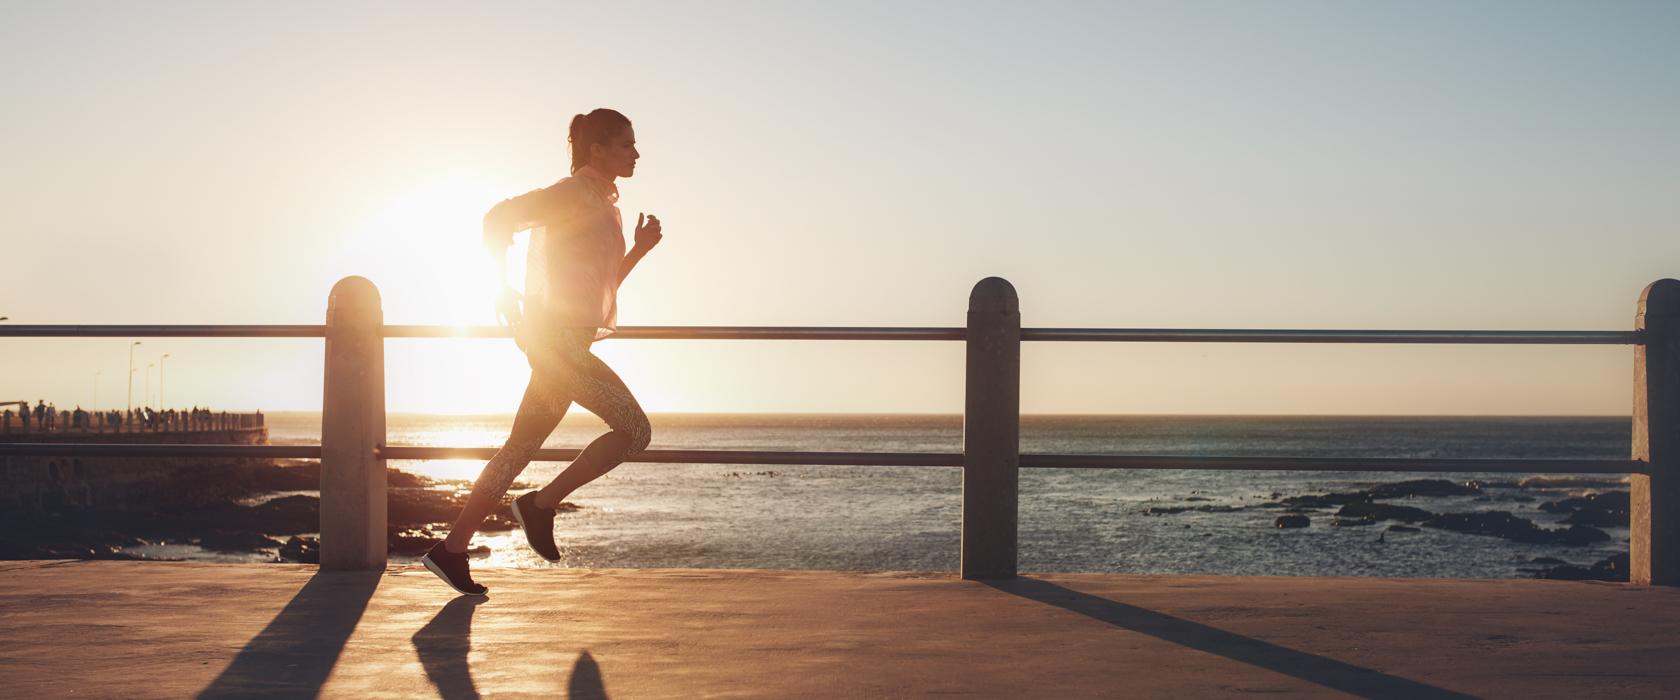 Как правильно начать здоровый образ жизни в 30 лет: ТОП 15 основополагающих правил